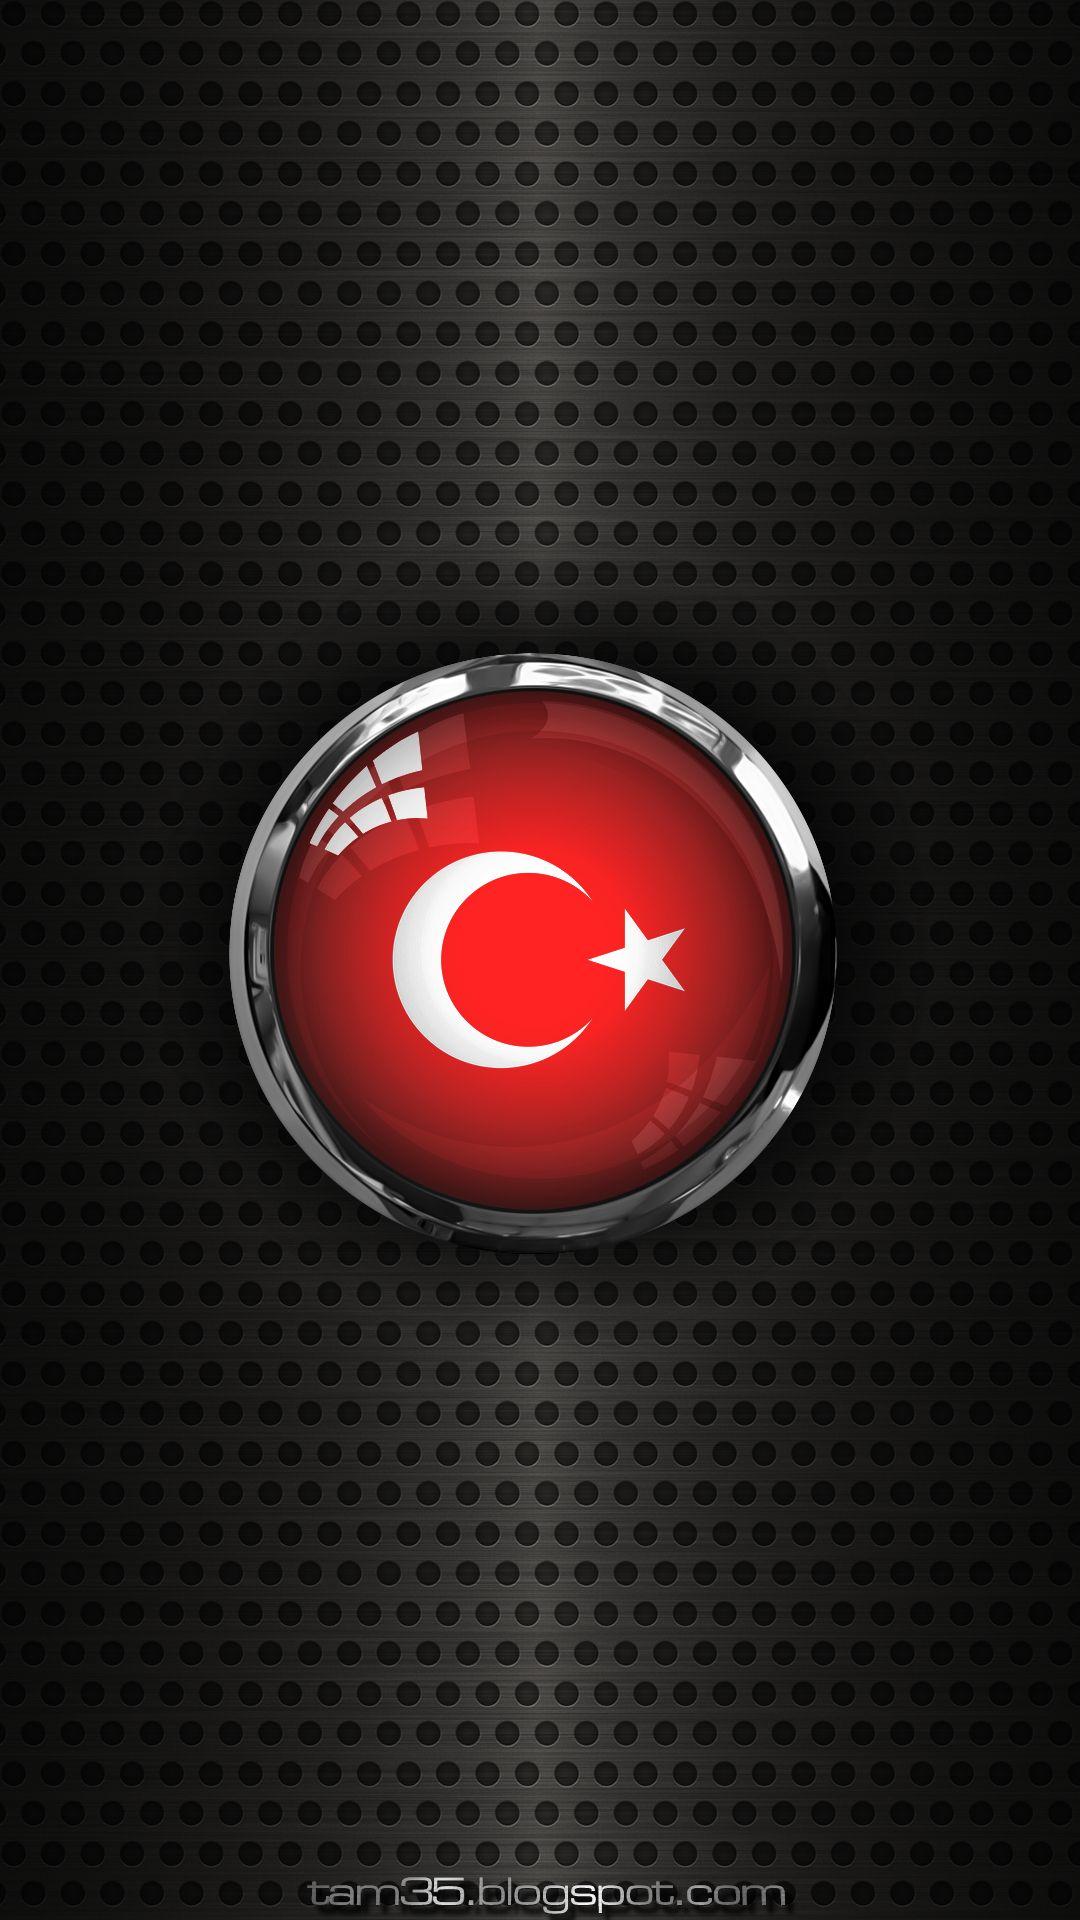 Turk Bayragi Mobil Duvar Kagidi 19 2020 Bayrak Duvar Kagidi Duvar